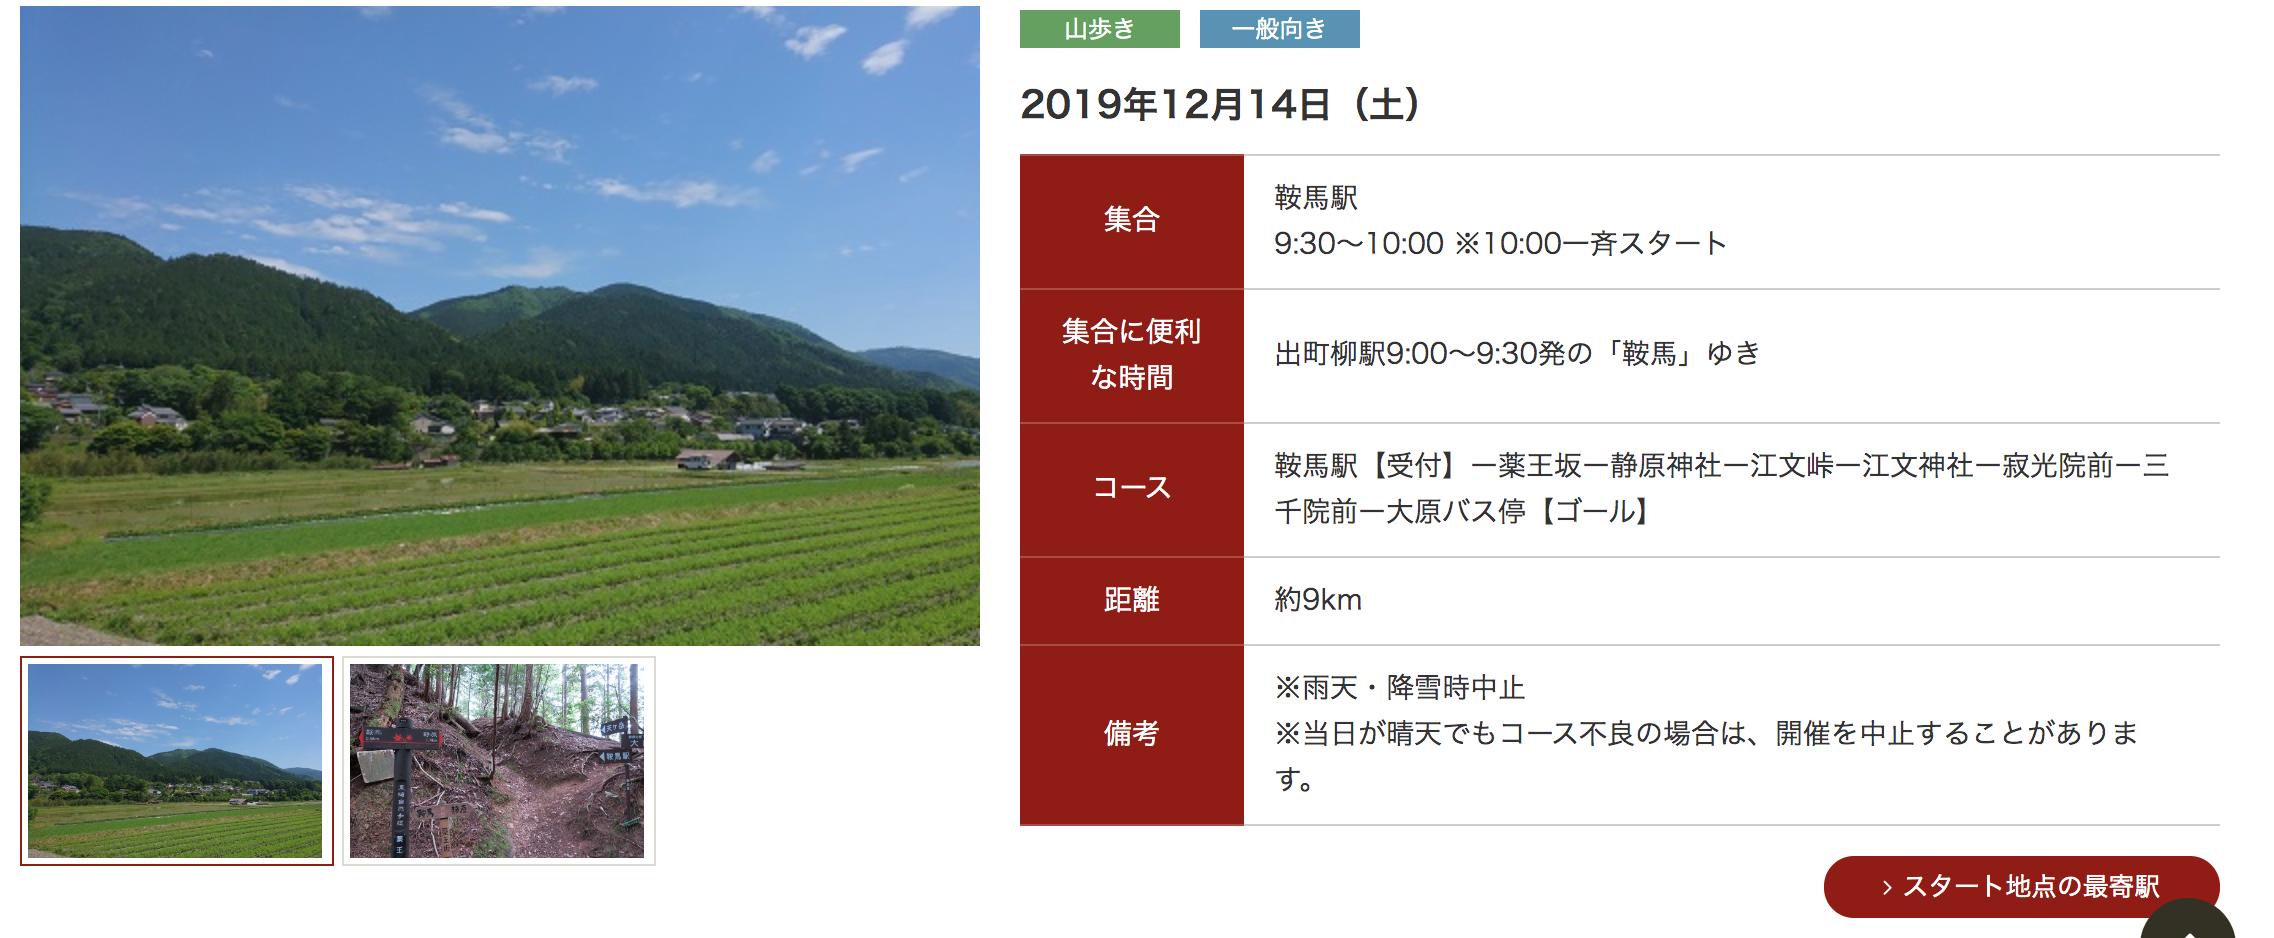 京都 叡山電鐵:免費的賞櫻覓楓、泡溫泉爬山趣行程 @右上世界食旅